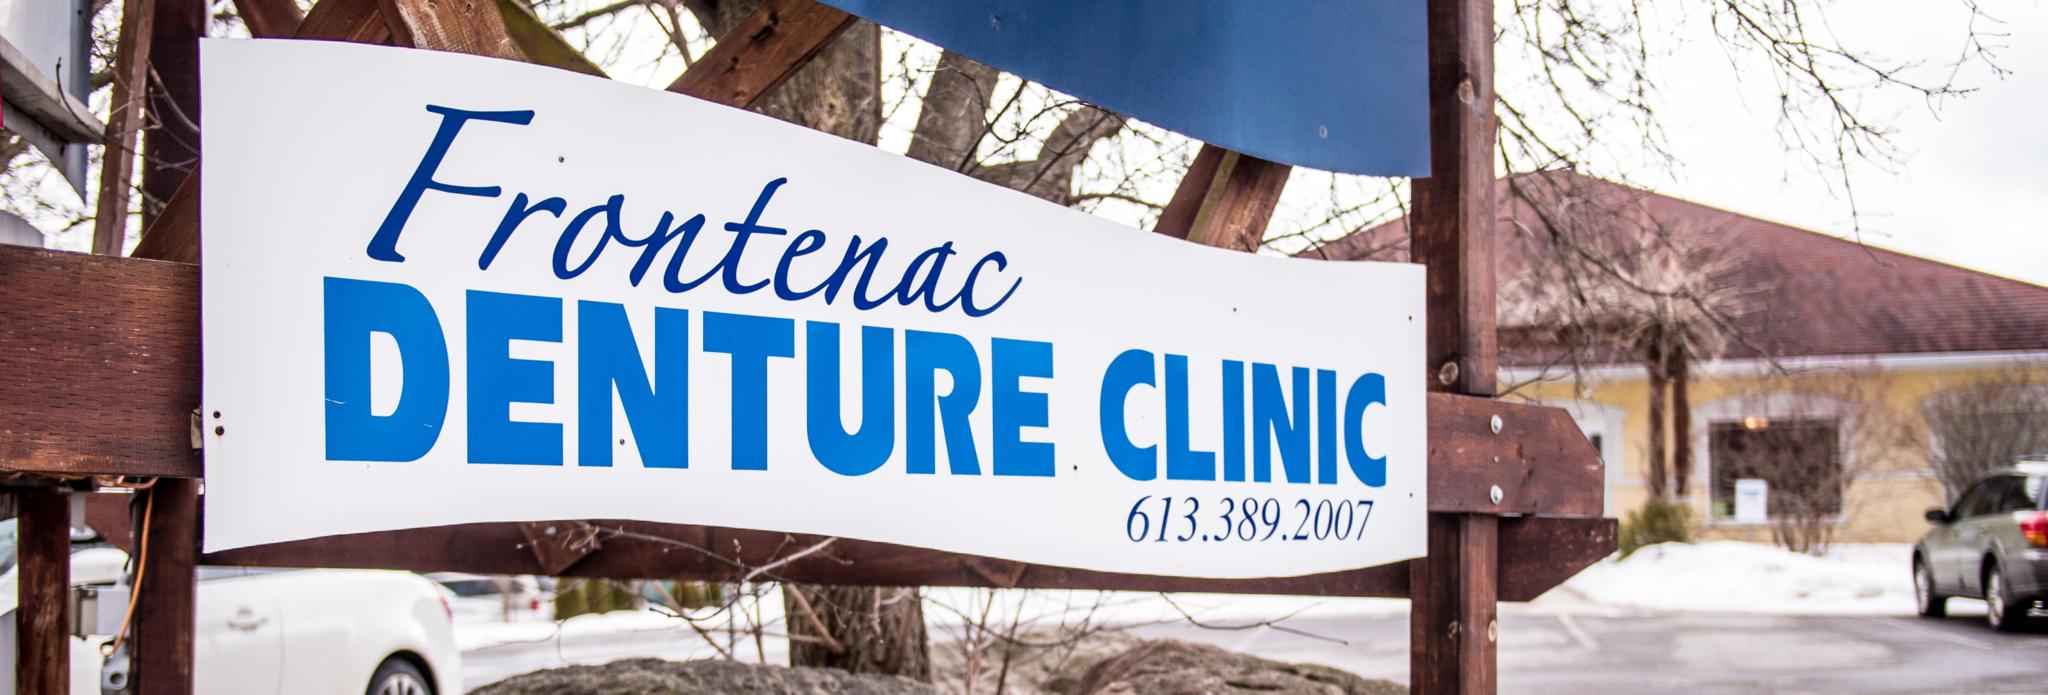 Frontenac Denture Clinic in Kingston